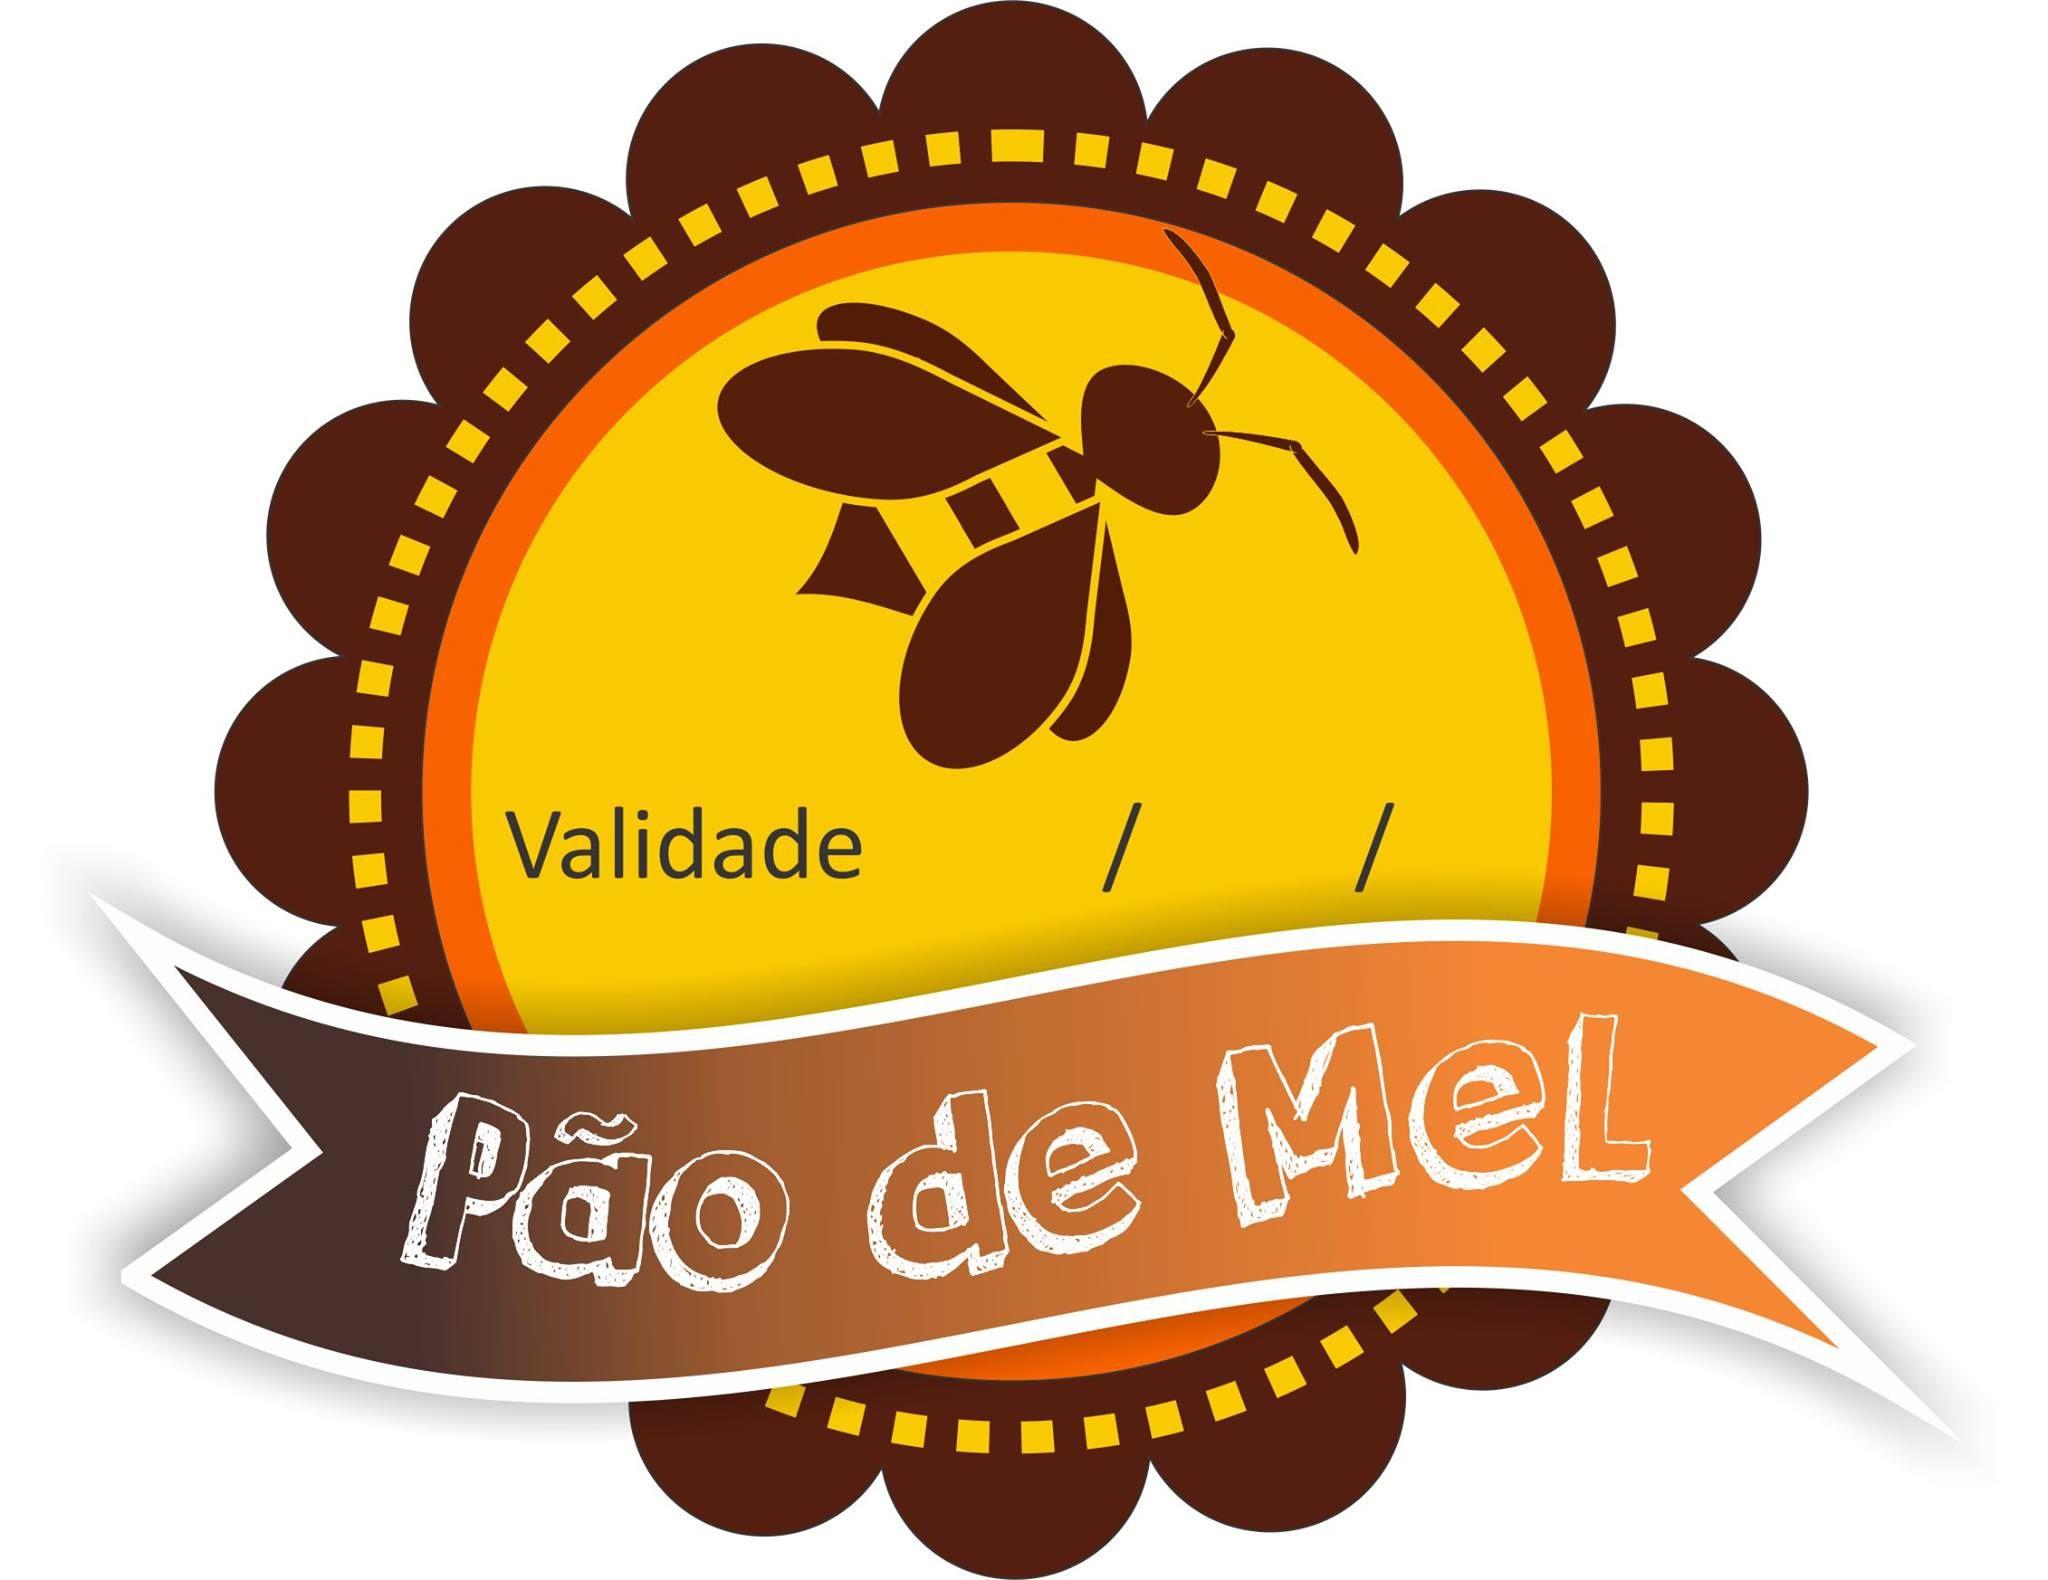 Etiquetas Para Pao De Mel Pao De Mel Embalagem De Pao E Pao De